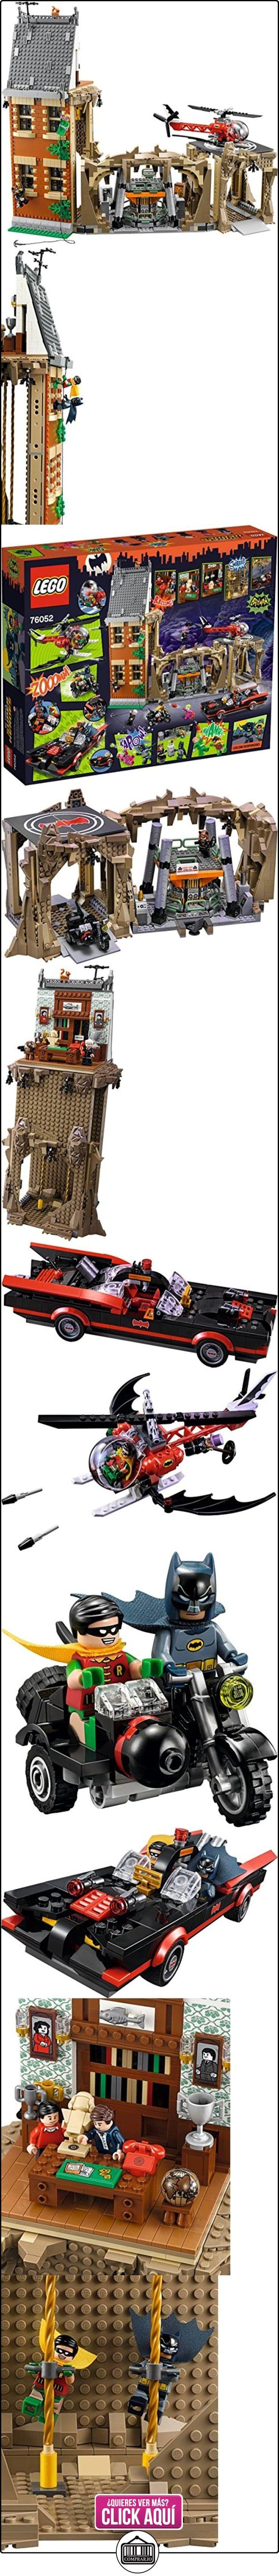 LEGO DC Comics Super Heroes Batcueva de Batman clásico de TV juego de construcción - juegos de construcción (14 año(s), 2526 pieza(s), Cómics, Niño/niña, Multicolor)  ✿ Lego - el surtido más amplio ✿ ▬► Ver oferta: http://comprar.io/goto/B01AC1EFD4